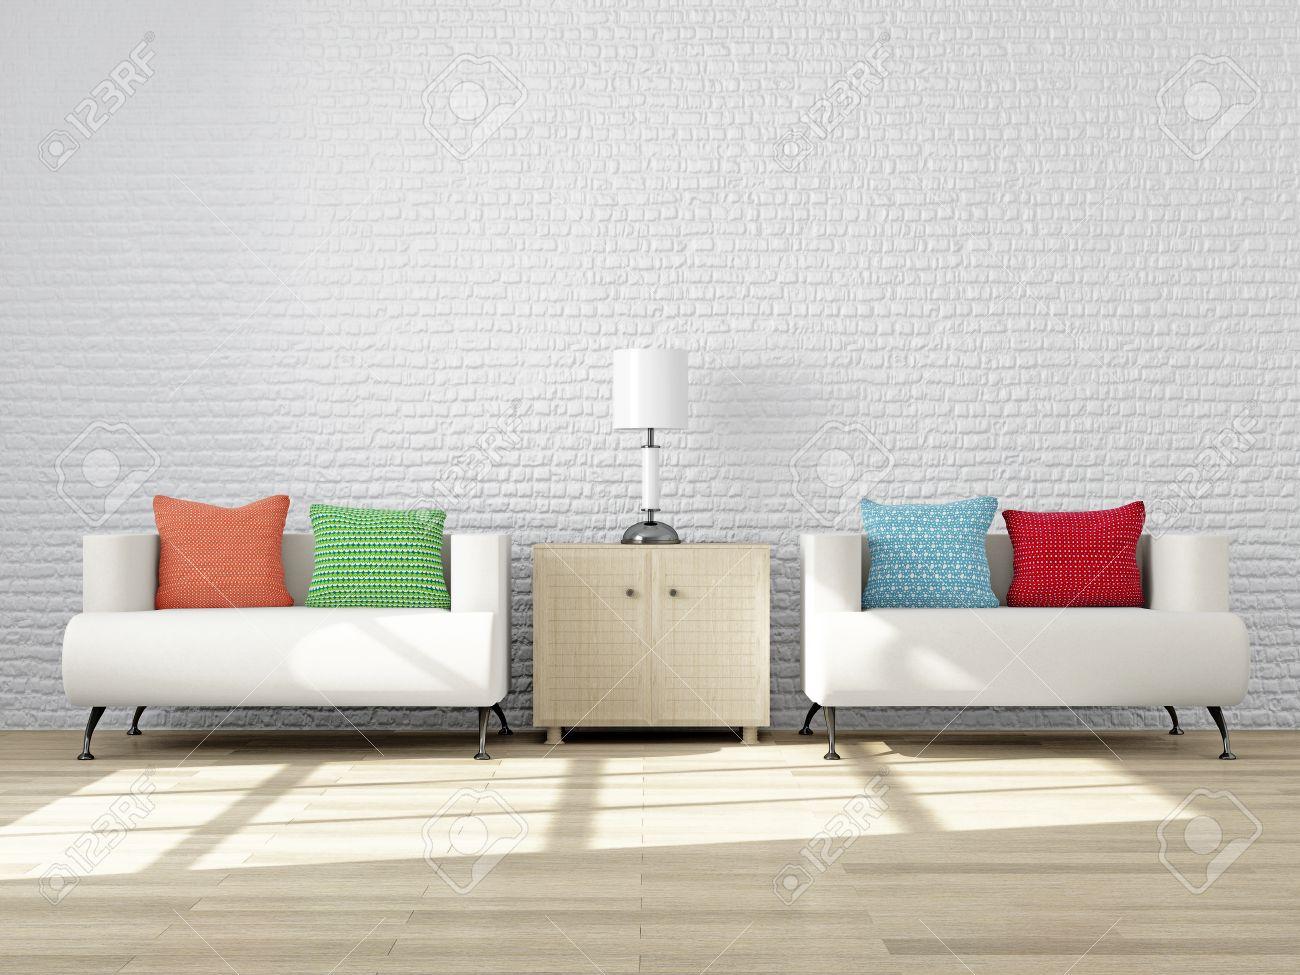 Modernes Interieur Eines Wohnzimmer Mit Möbel Für Die Stimmung Und Design.  Wohnzimmer: Gemütliche Sessel